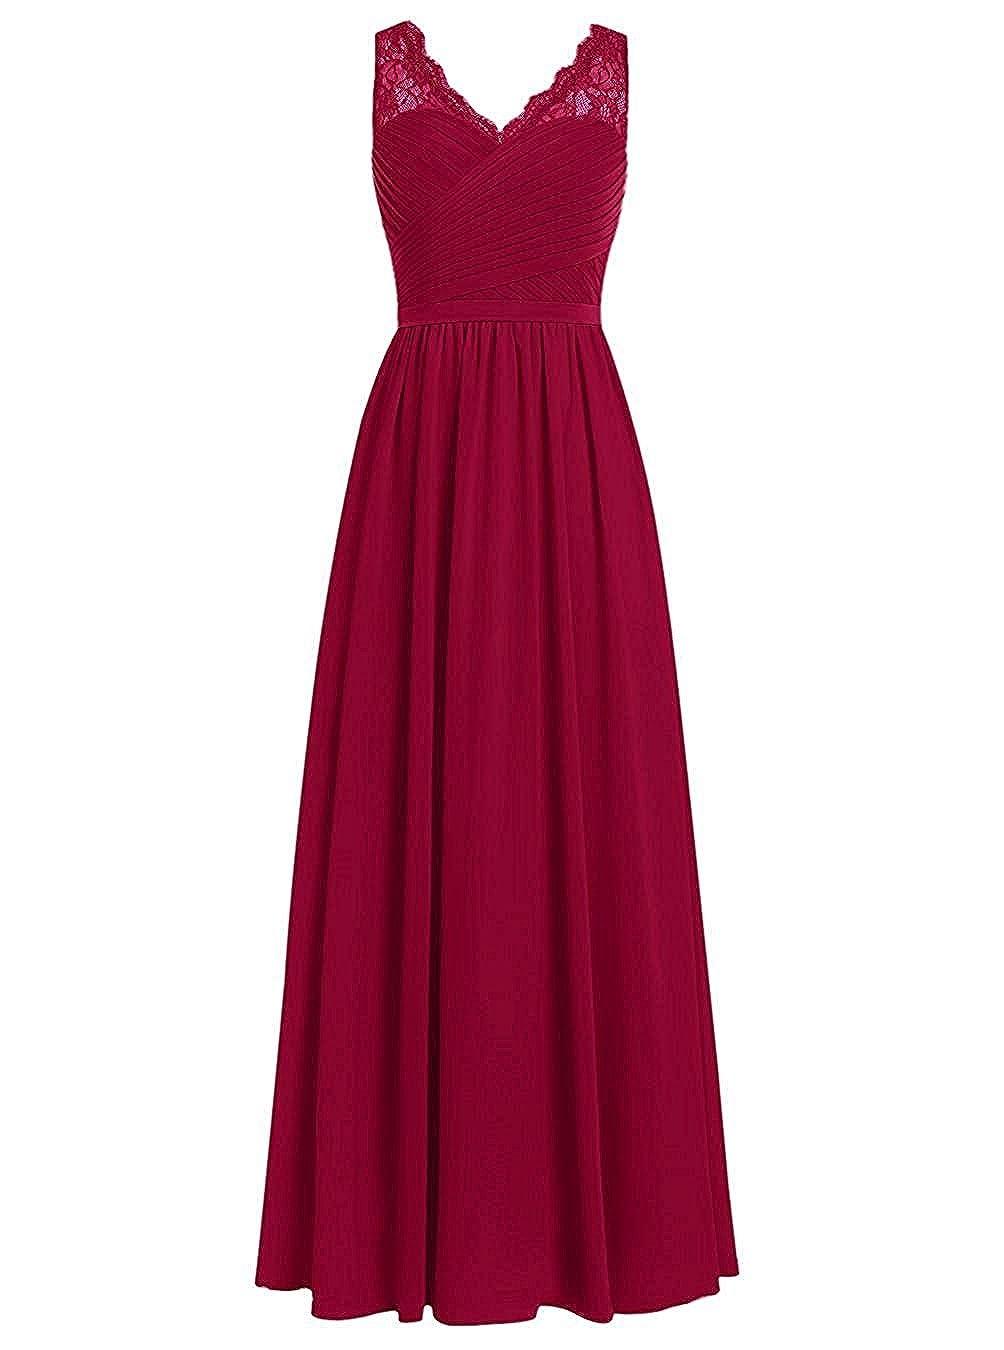 Burgundy Loffy Women's Elegant VNeck Sleeveless Formal Long Evening Dres